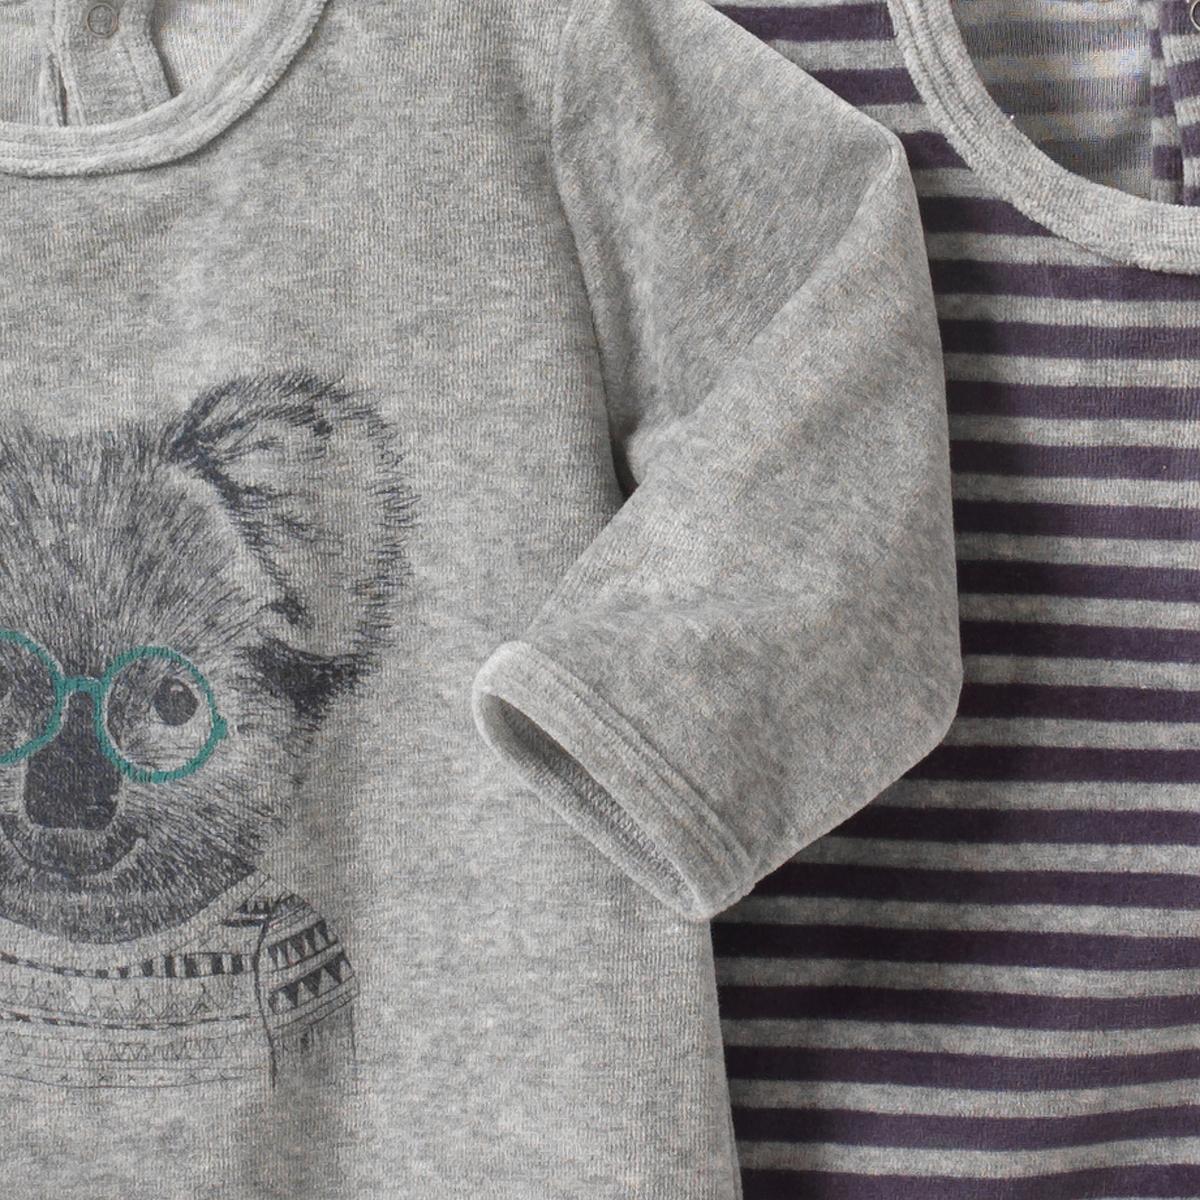 3 пижамы из велюра 0 мес-3 летКомплект из 3 велюровых пижам . В комплект входят: 1 пижама в полоску + 1 пижама с рисунком стрелы + 1 однотонная пижама с рисунком коала спереди. Клапан на кнопках и застежка на кнопки сзади. Нескользящая подошва начиная с размера 74 см (12 месяцев), эластичные вставки сзади для лучшей поддержки . Состав и описаниеМатериал      75 % хлопка, 25 % полиэстера Марка       R ?ditionУход:Стирать и гладить с изнаночной стороныМашинная стирка при 30°C на умеренном режиме, с одеждой подобных цветовМашинная сушка в умеренном режимеГладить при низкой температуреЗнак марки отпечатан с внутренней стороны и не напечатан на пришитой этикетке сзади, чтобы не вызвать раздражение или зуд на коже ребенка  .<br><br>Цвет: серый меланж + в полоску + черный<br>Размер: 1 мес. - 54 см.2 года - 86 см.3 года - 94 см